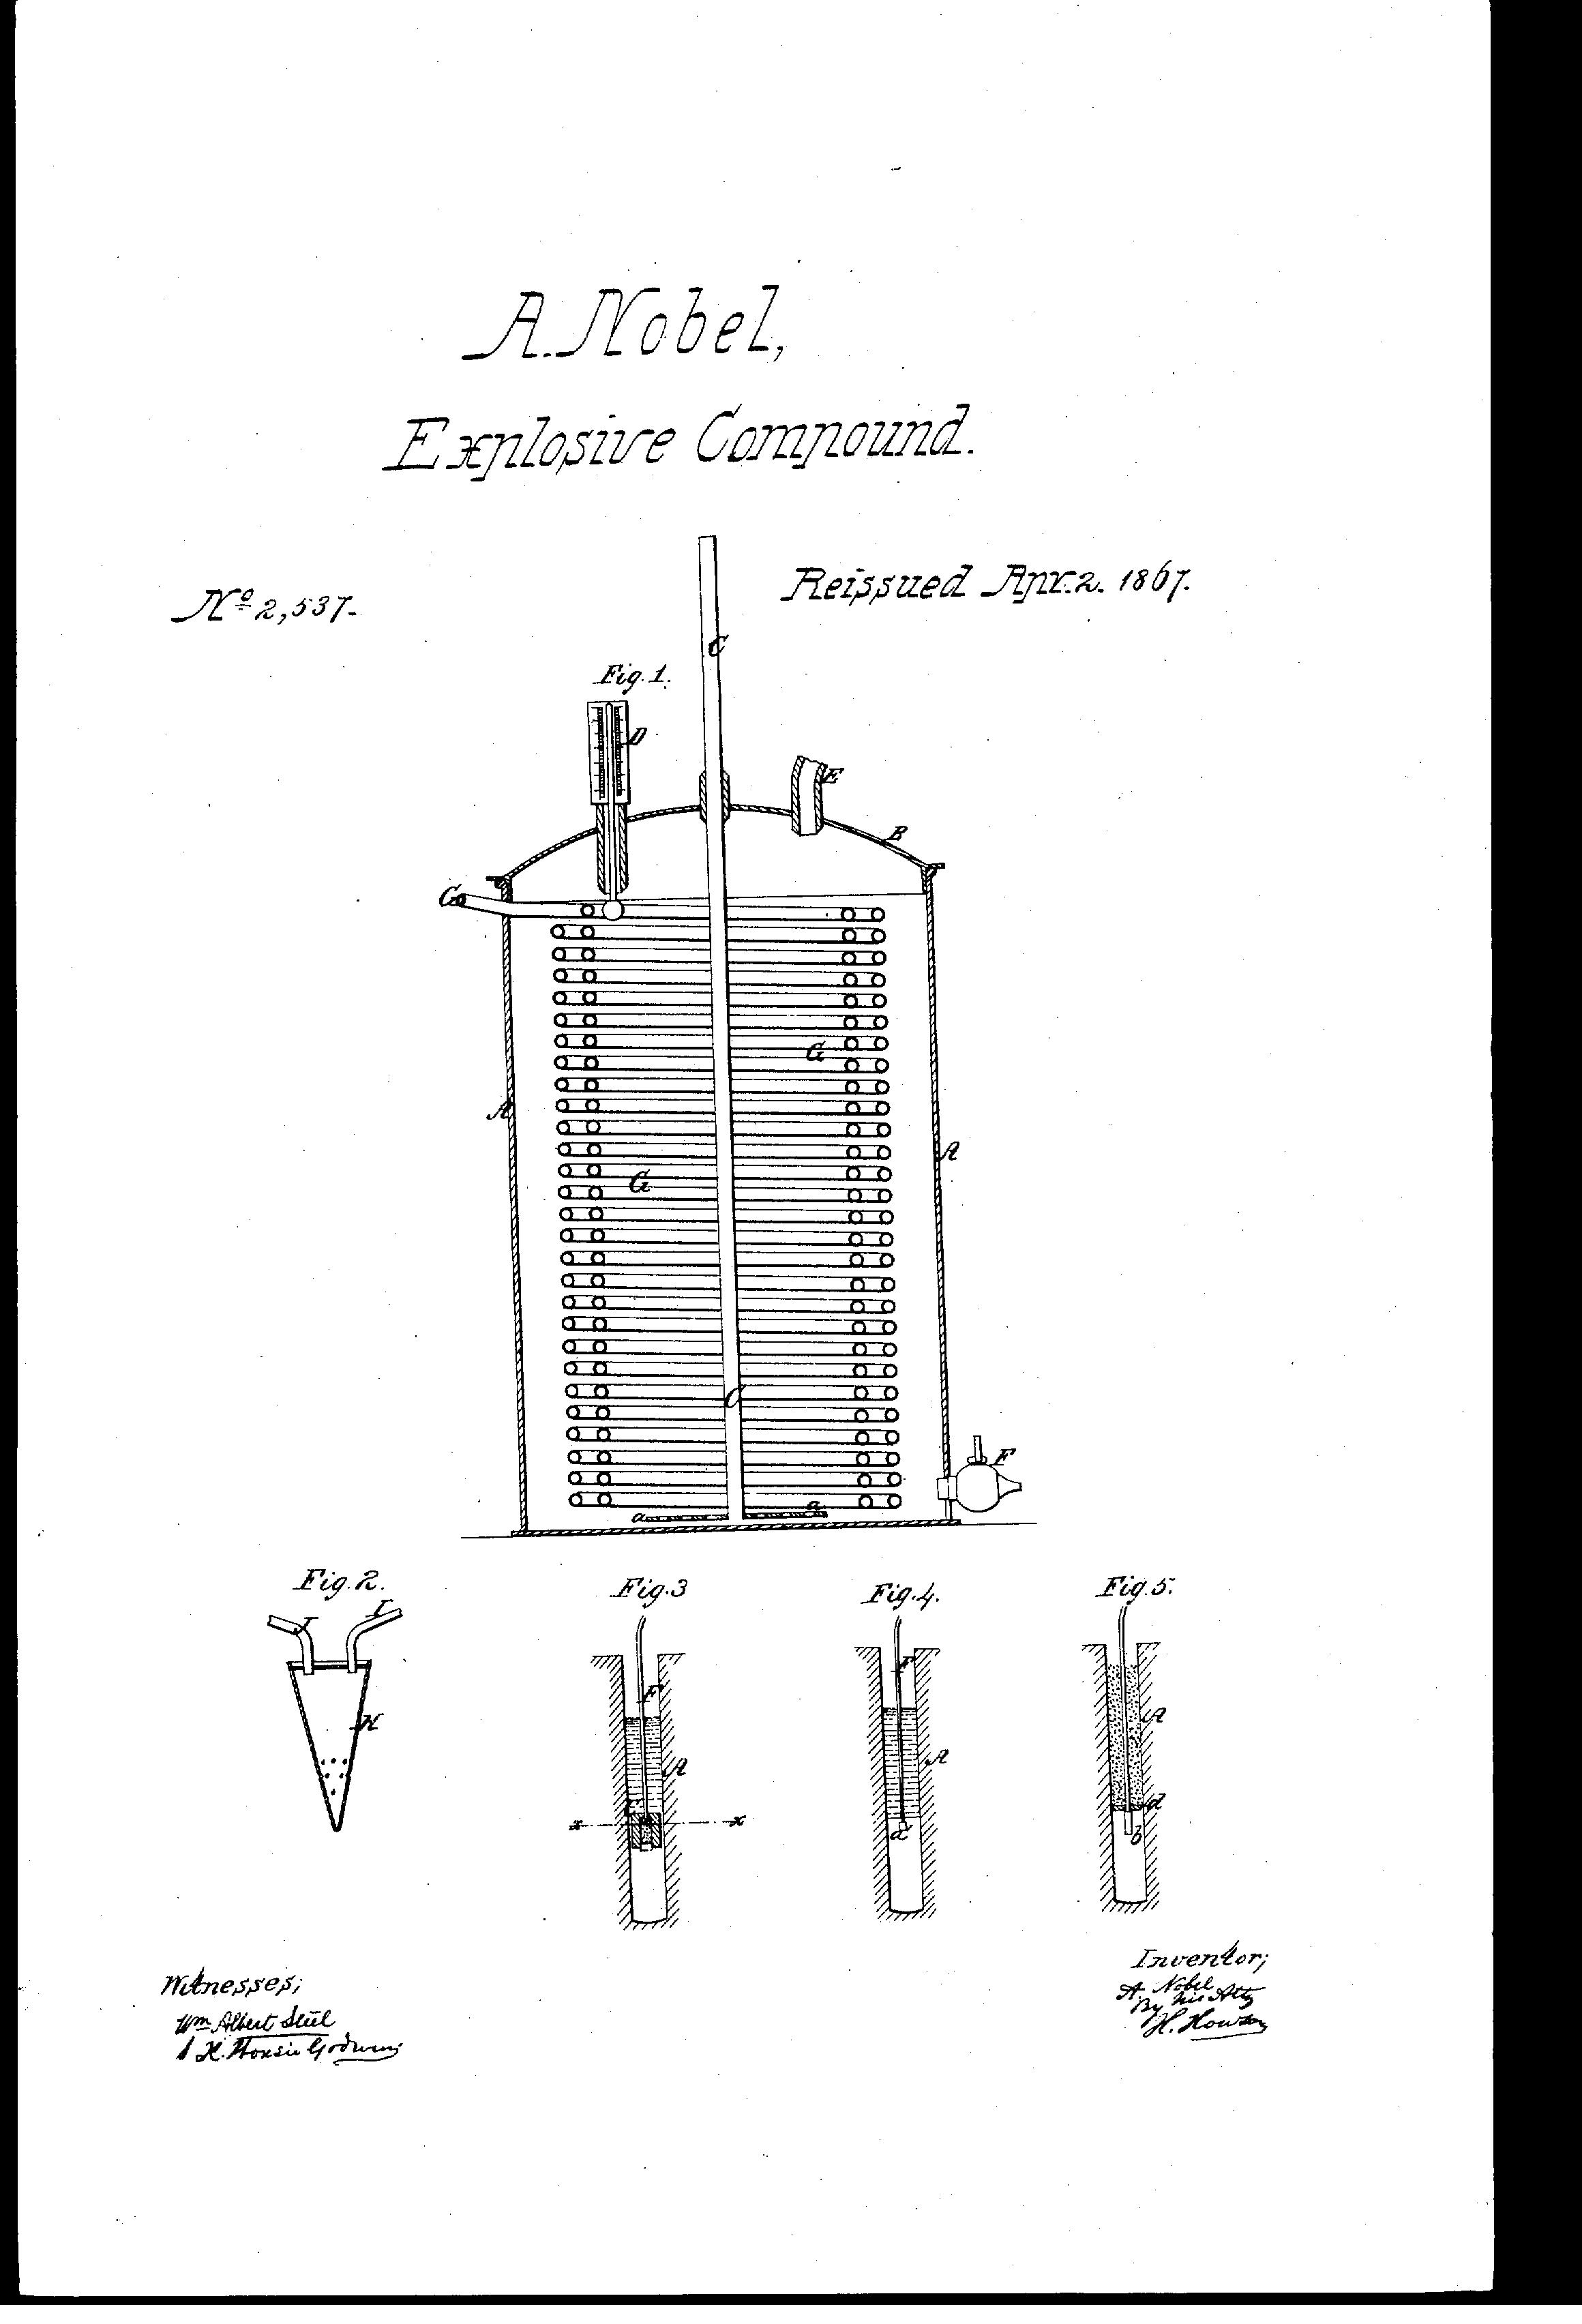 explosive compound alfred nobel (1867) patent usre2537 dynamiteexplosive compound alfred nobel (1867) patent usre2537 dynamite!